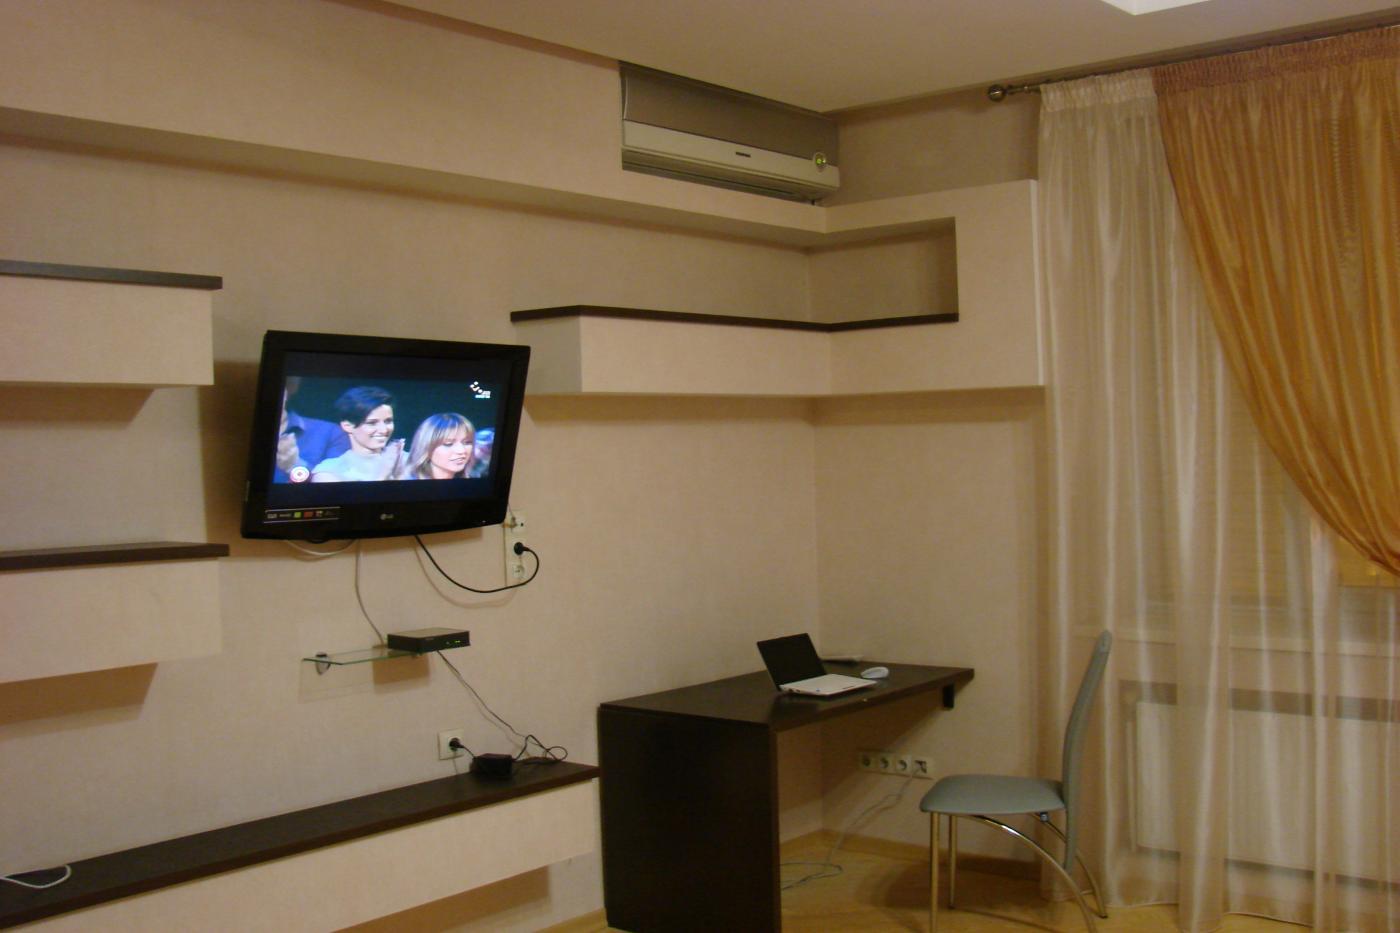 2-комнатная квартира посуточно (вариант № 2247), ул. Большая Морская улица, фото № 3